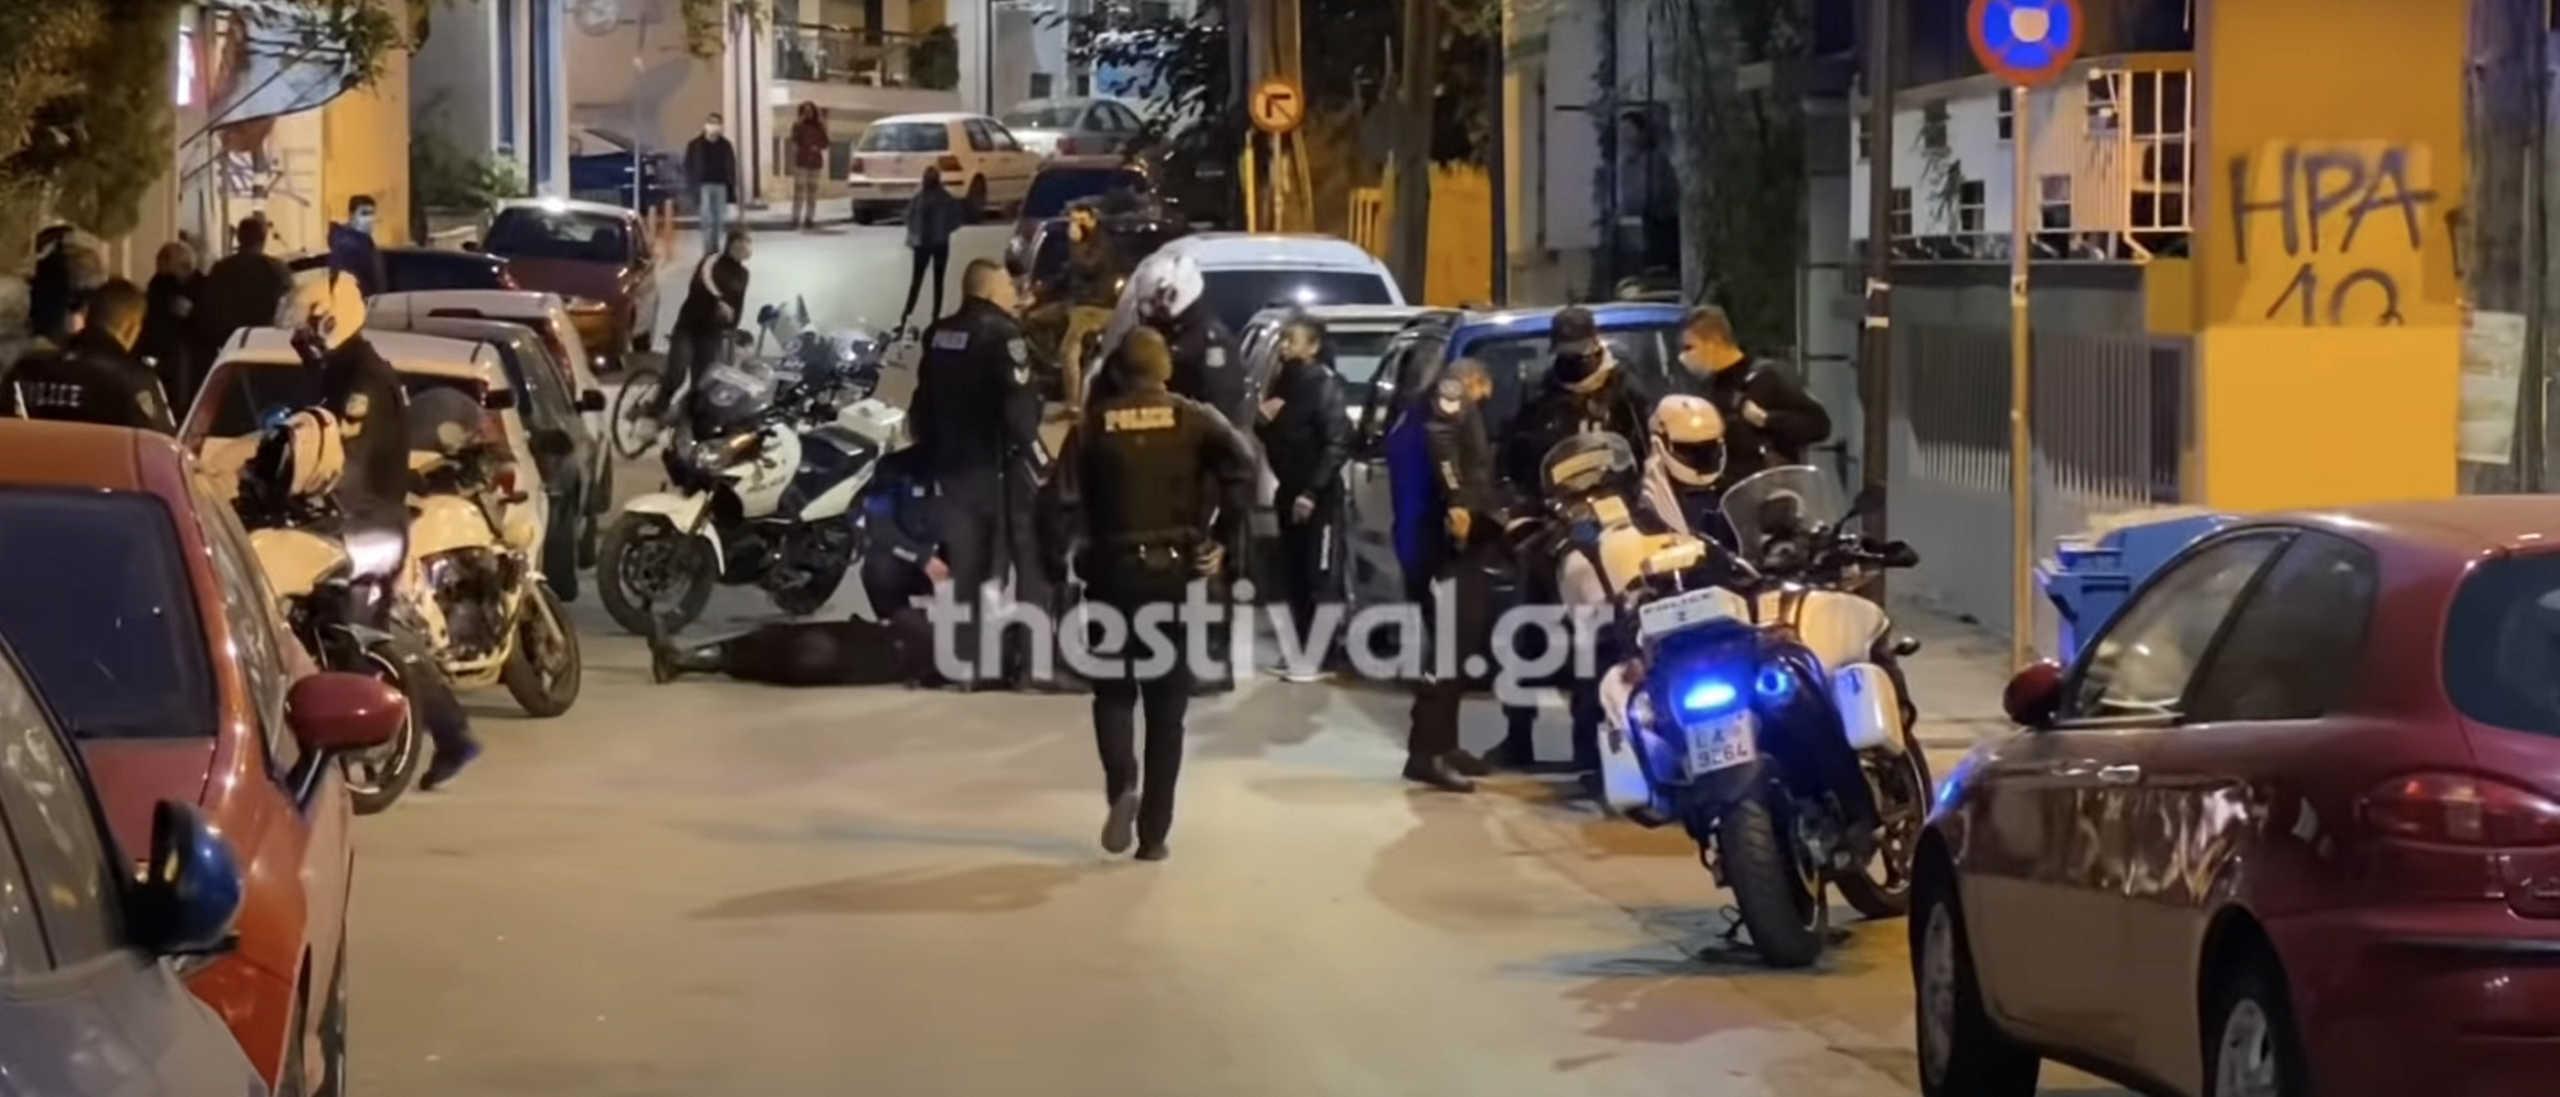 Θεσσαλονίκη: Στο αυτόφωρο οι 6 νεαροί που επιτέθηκαν στους αστυνομικούς σε έλεγχο για κορονοϊό (video)